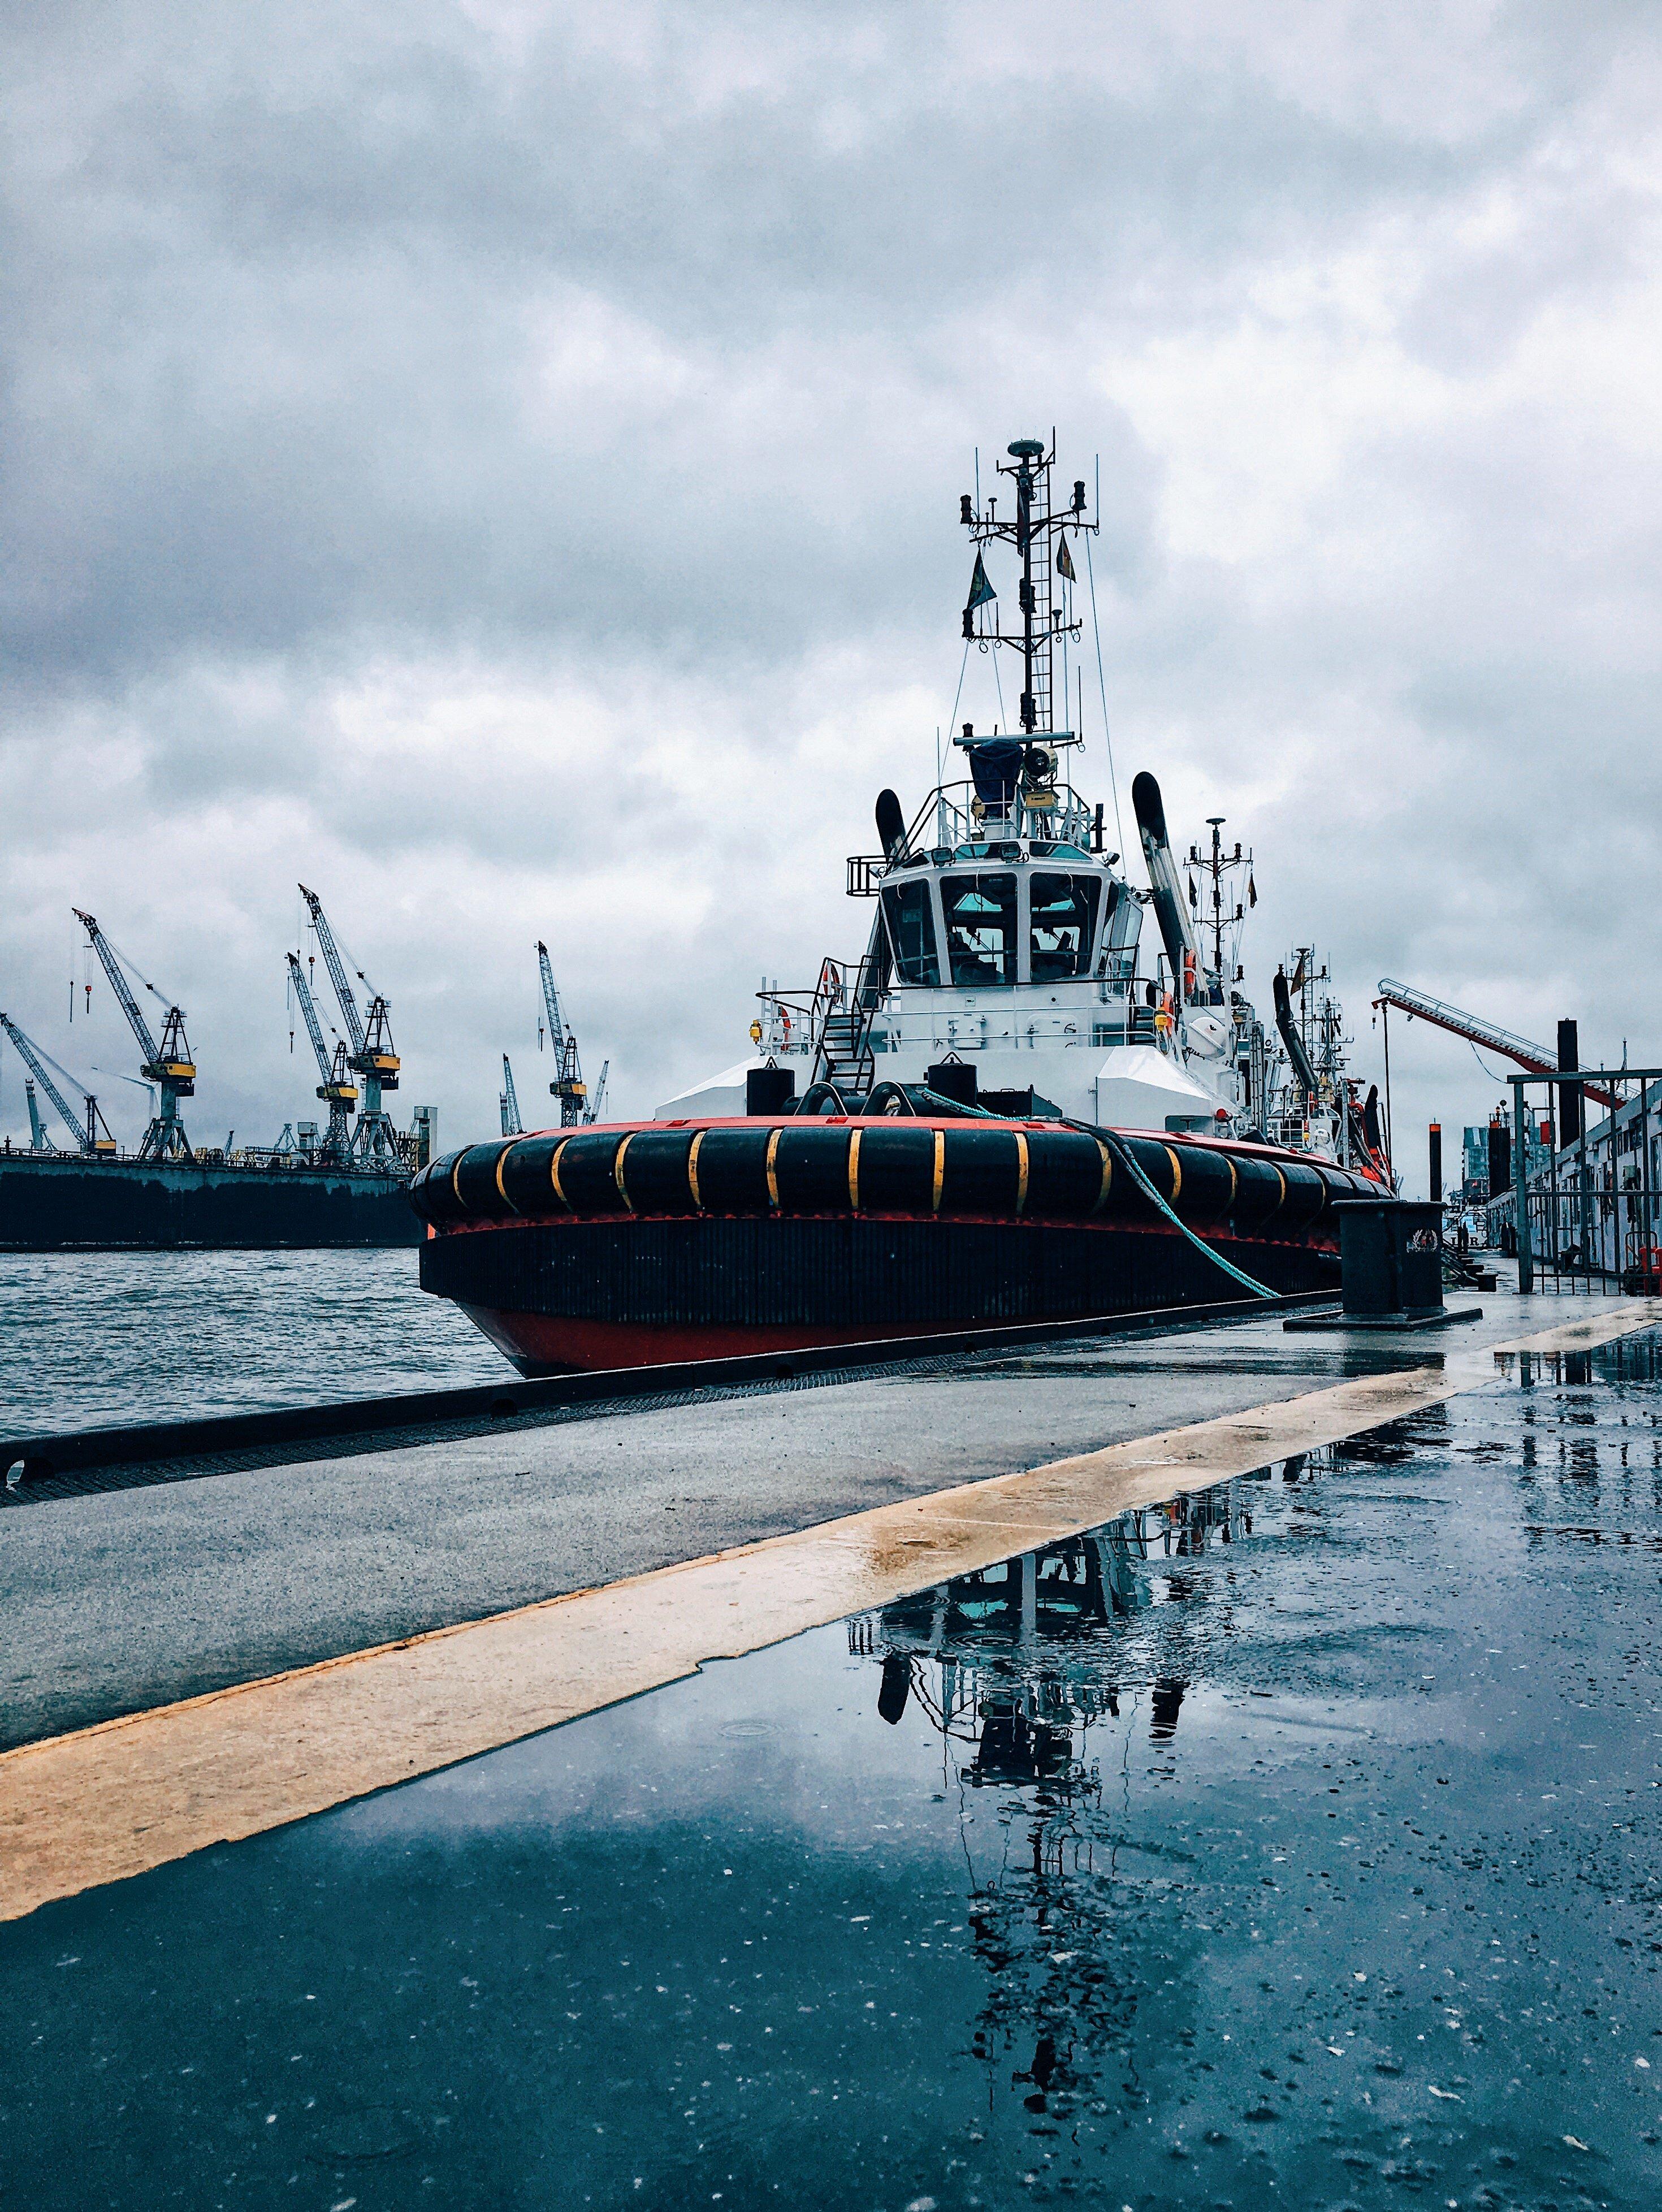 Pfütze am Hafen: Hamburg im Regen - Aktivitäten bei Schmuddelwetter Frau Elbville